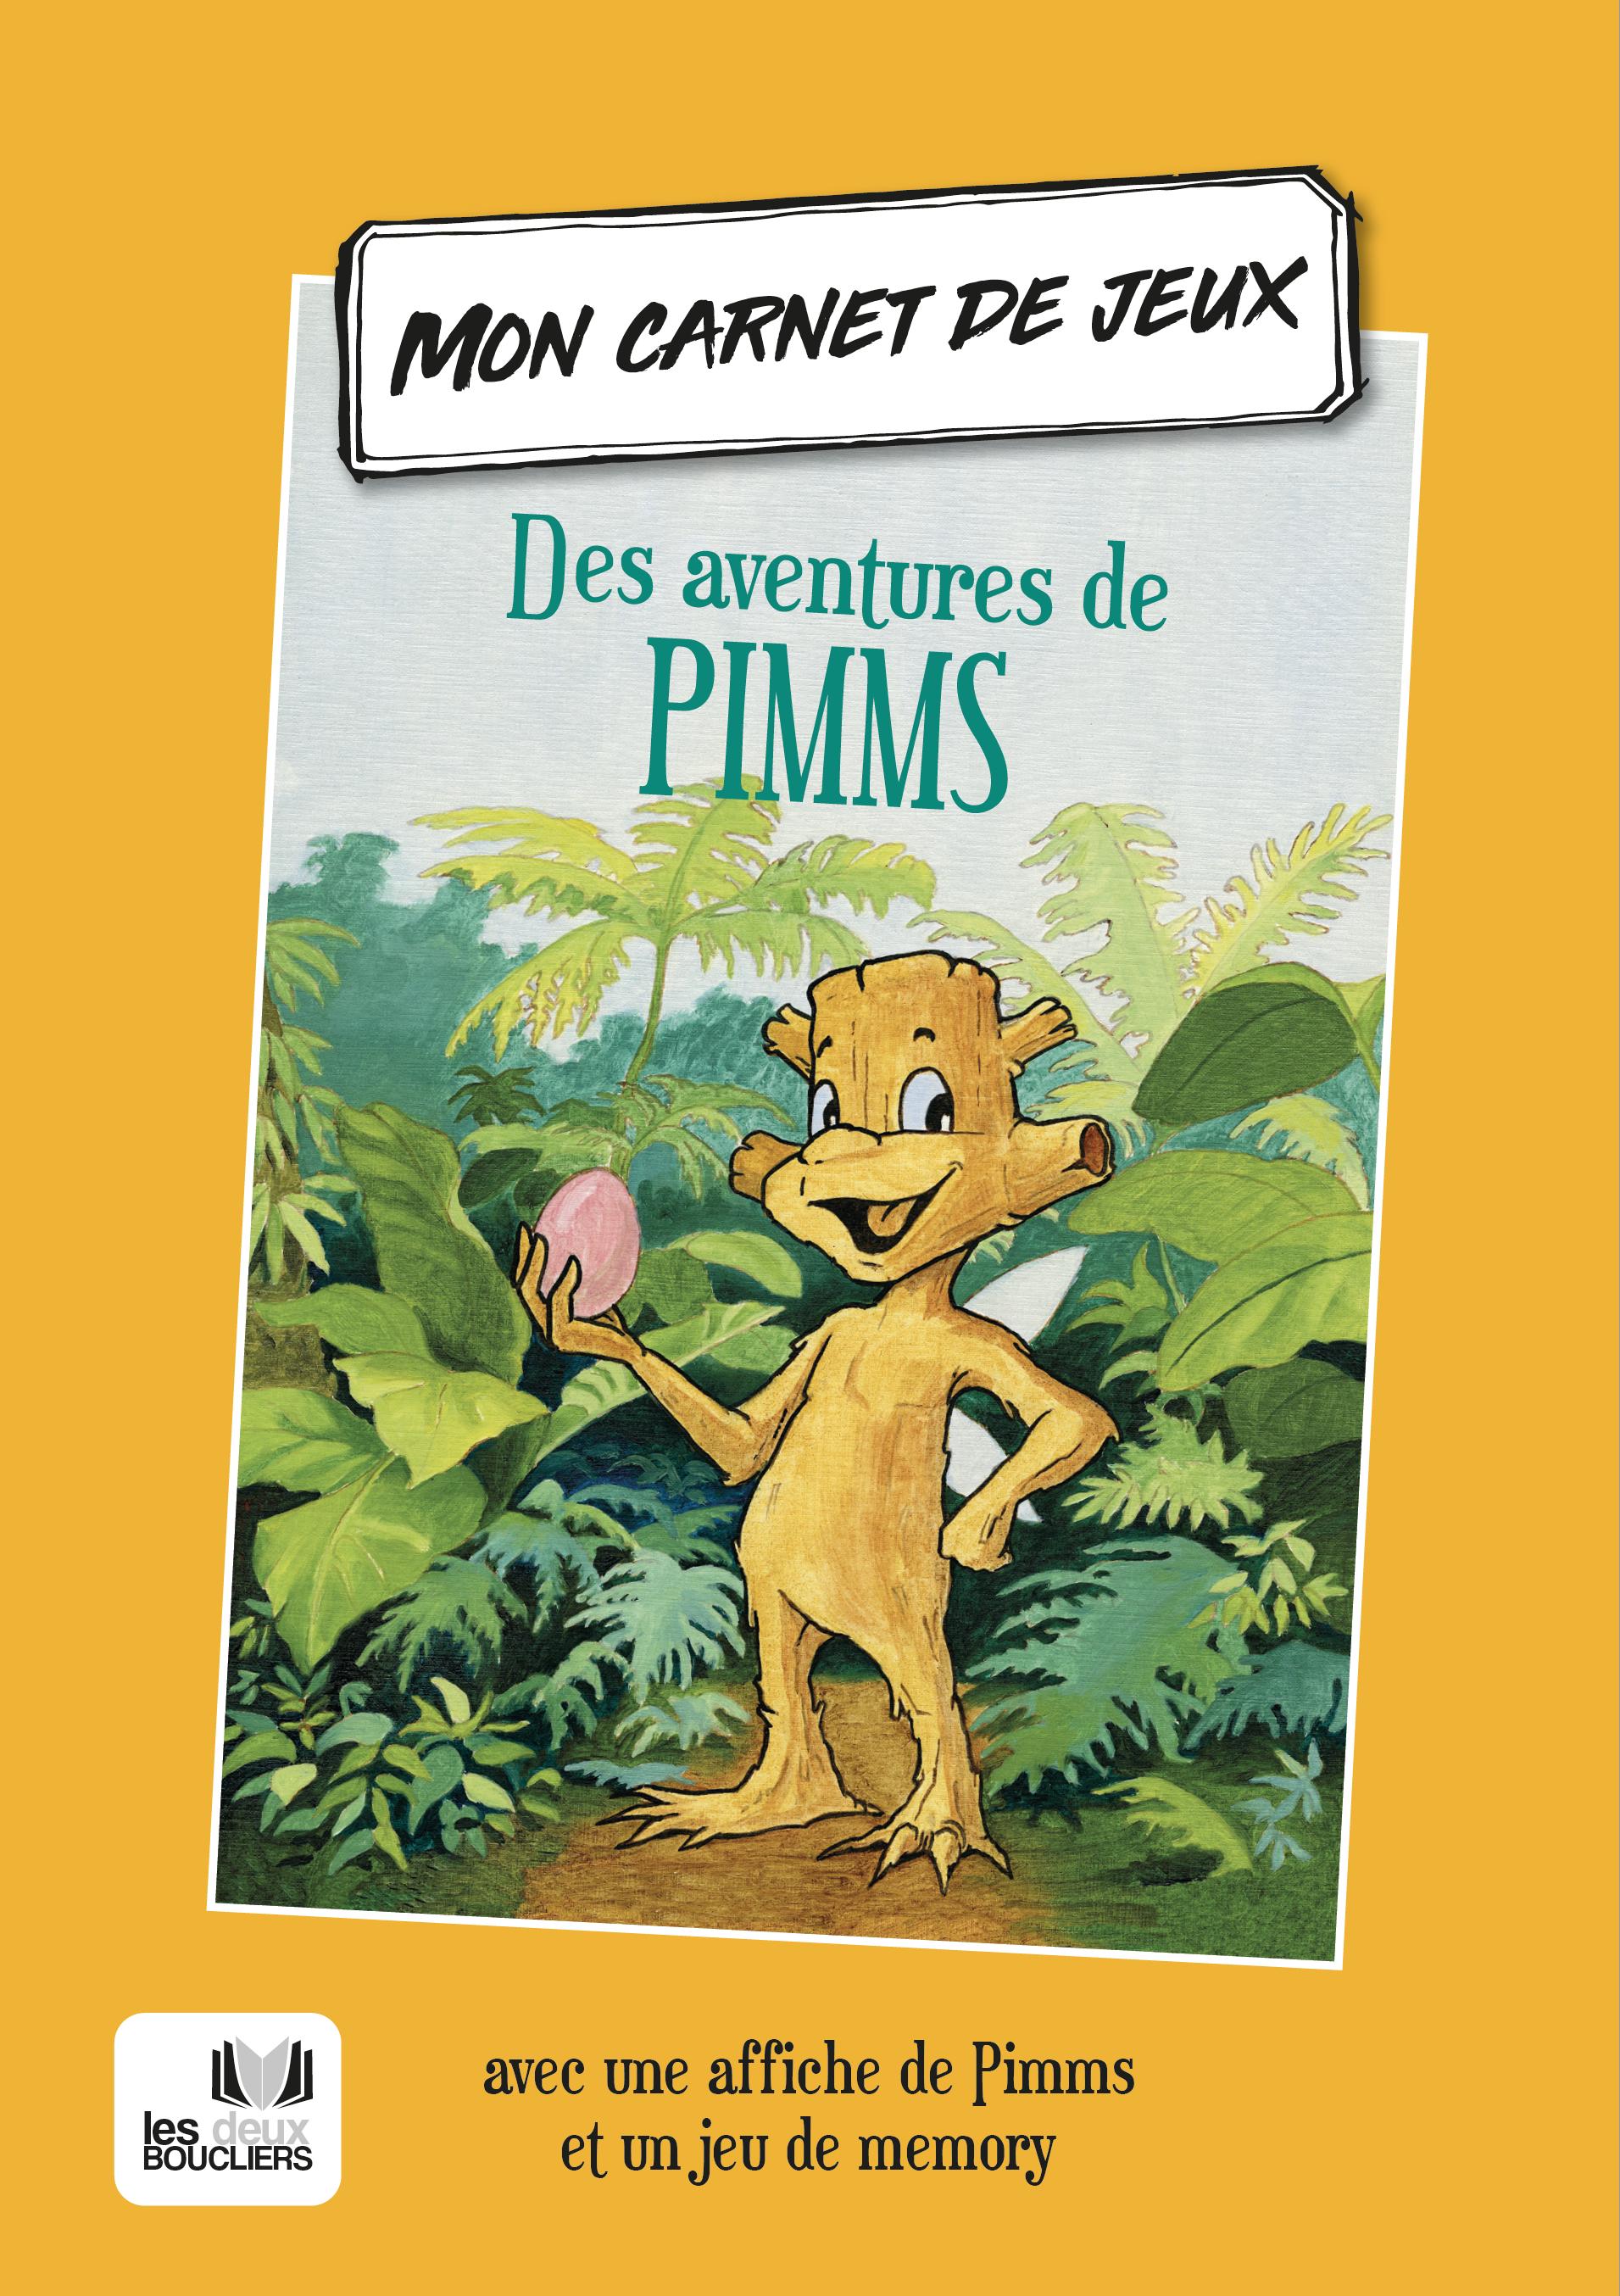 Carnet de jeux des aventures de Pimms